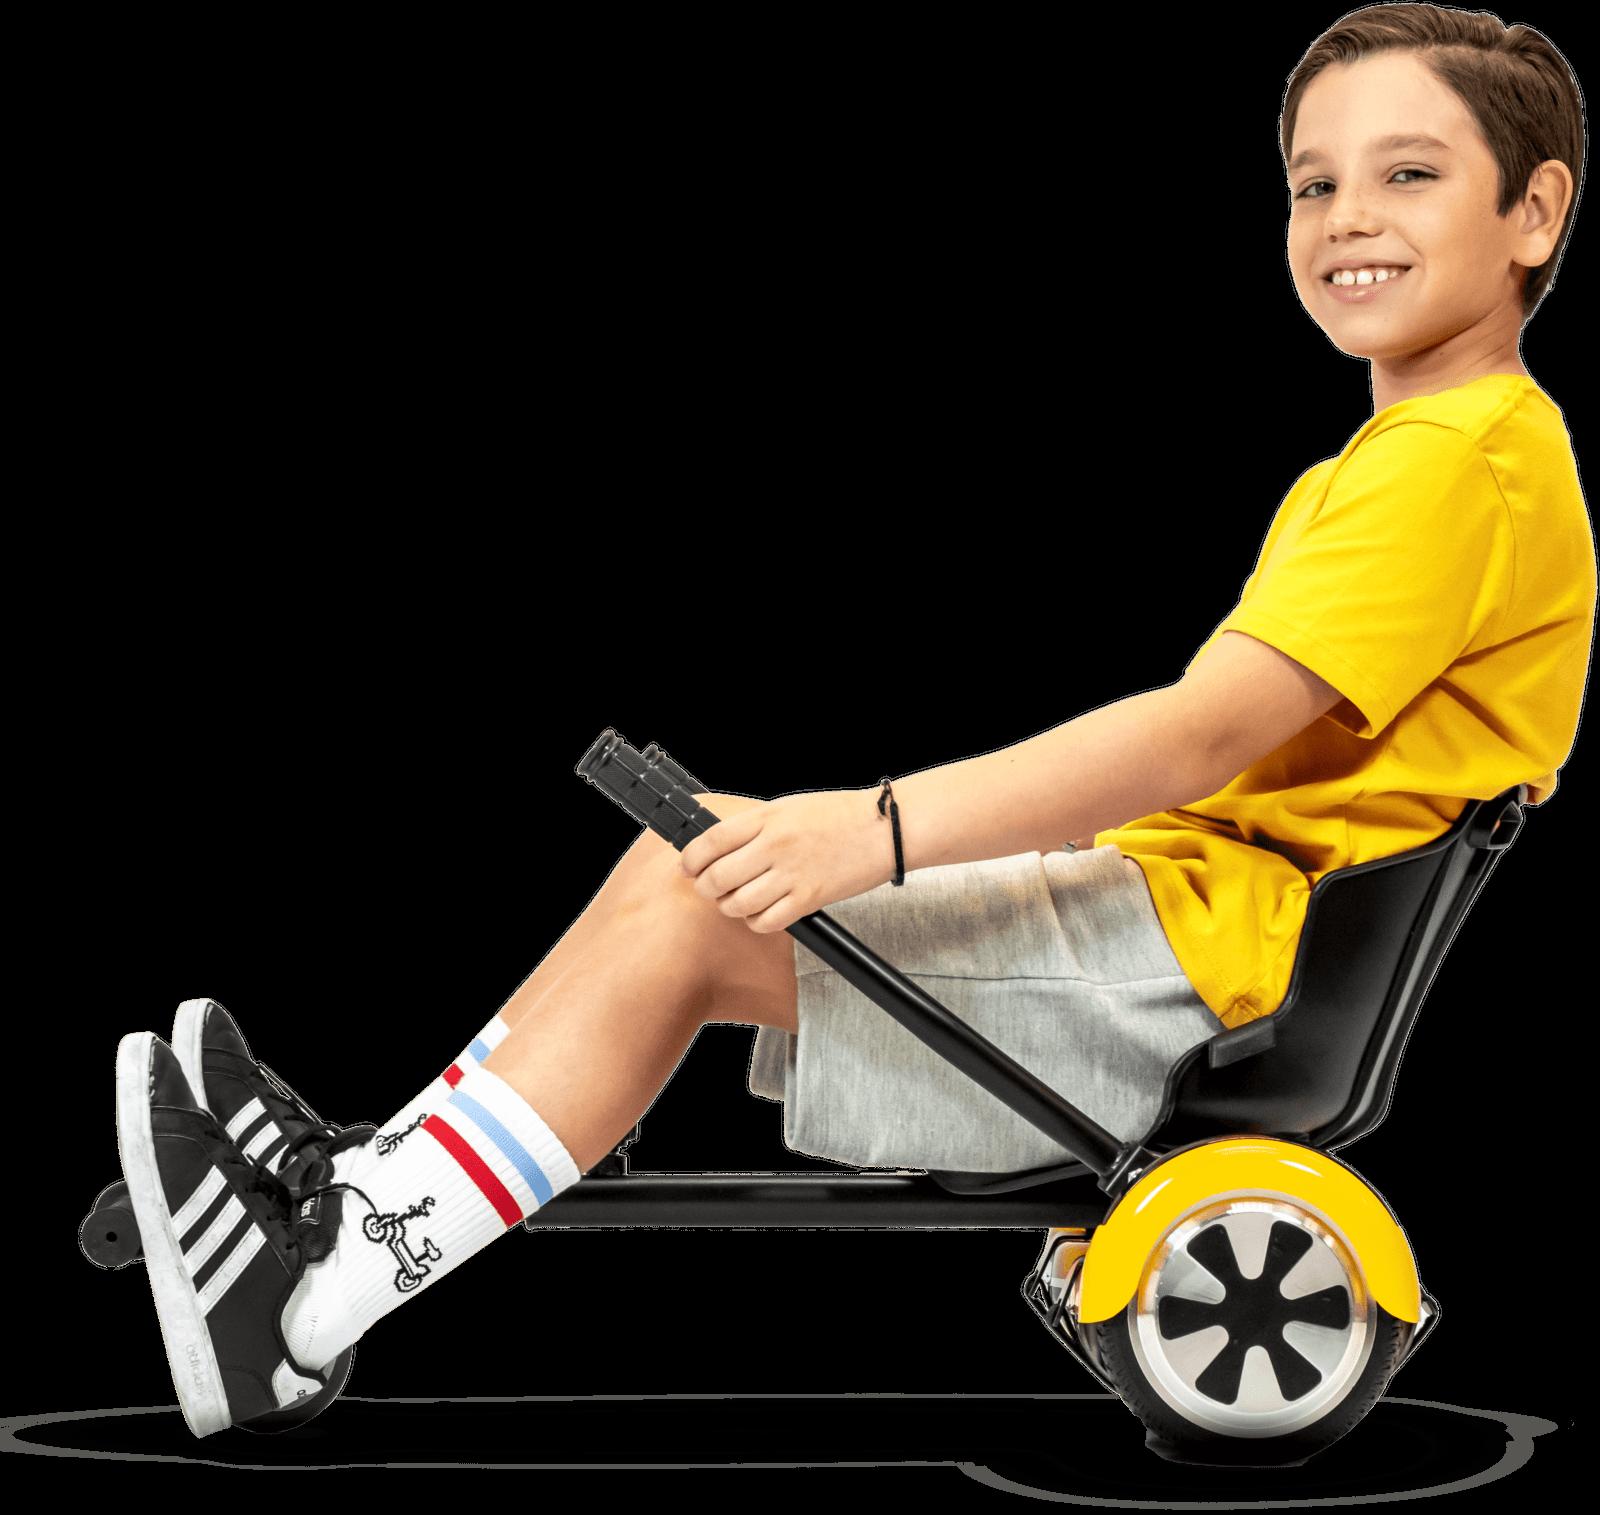 menino demonstrando uso de Carrinho Go Kart para Hoverboard